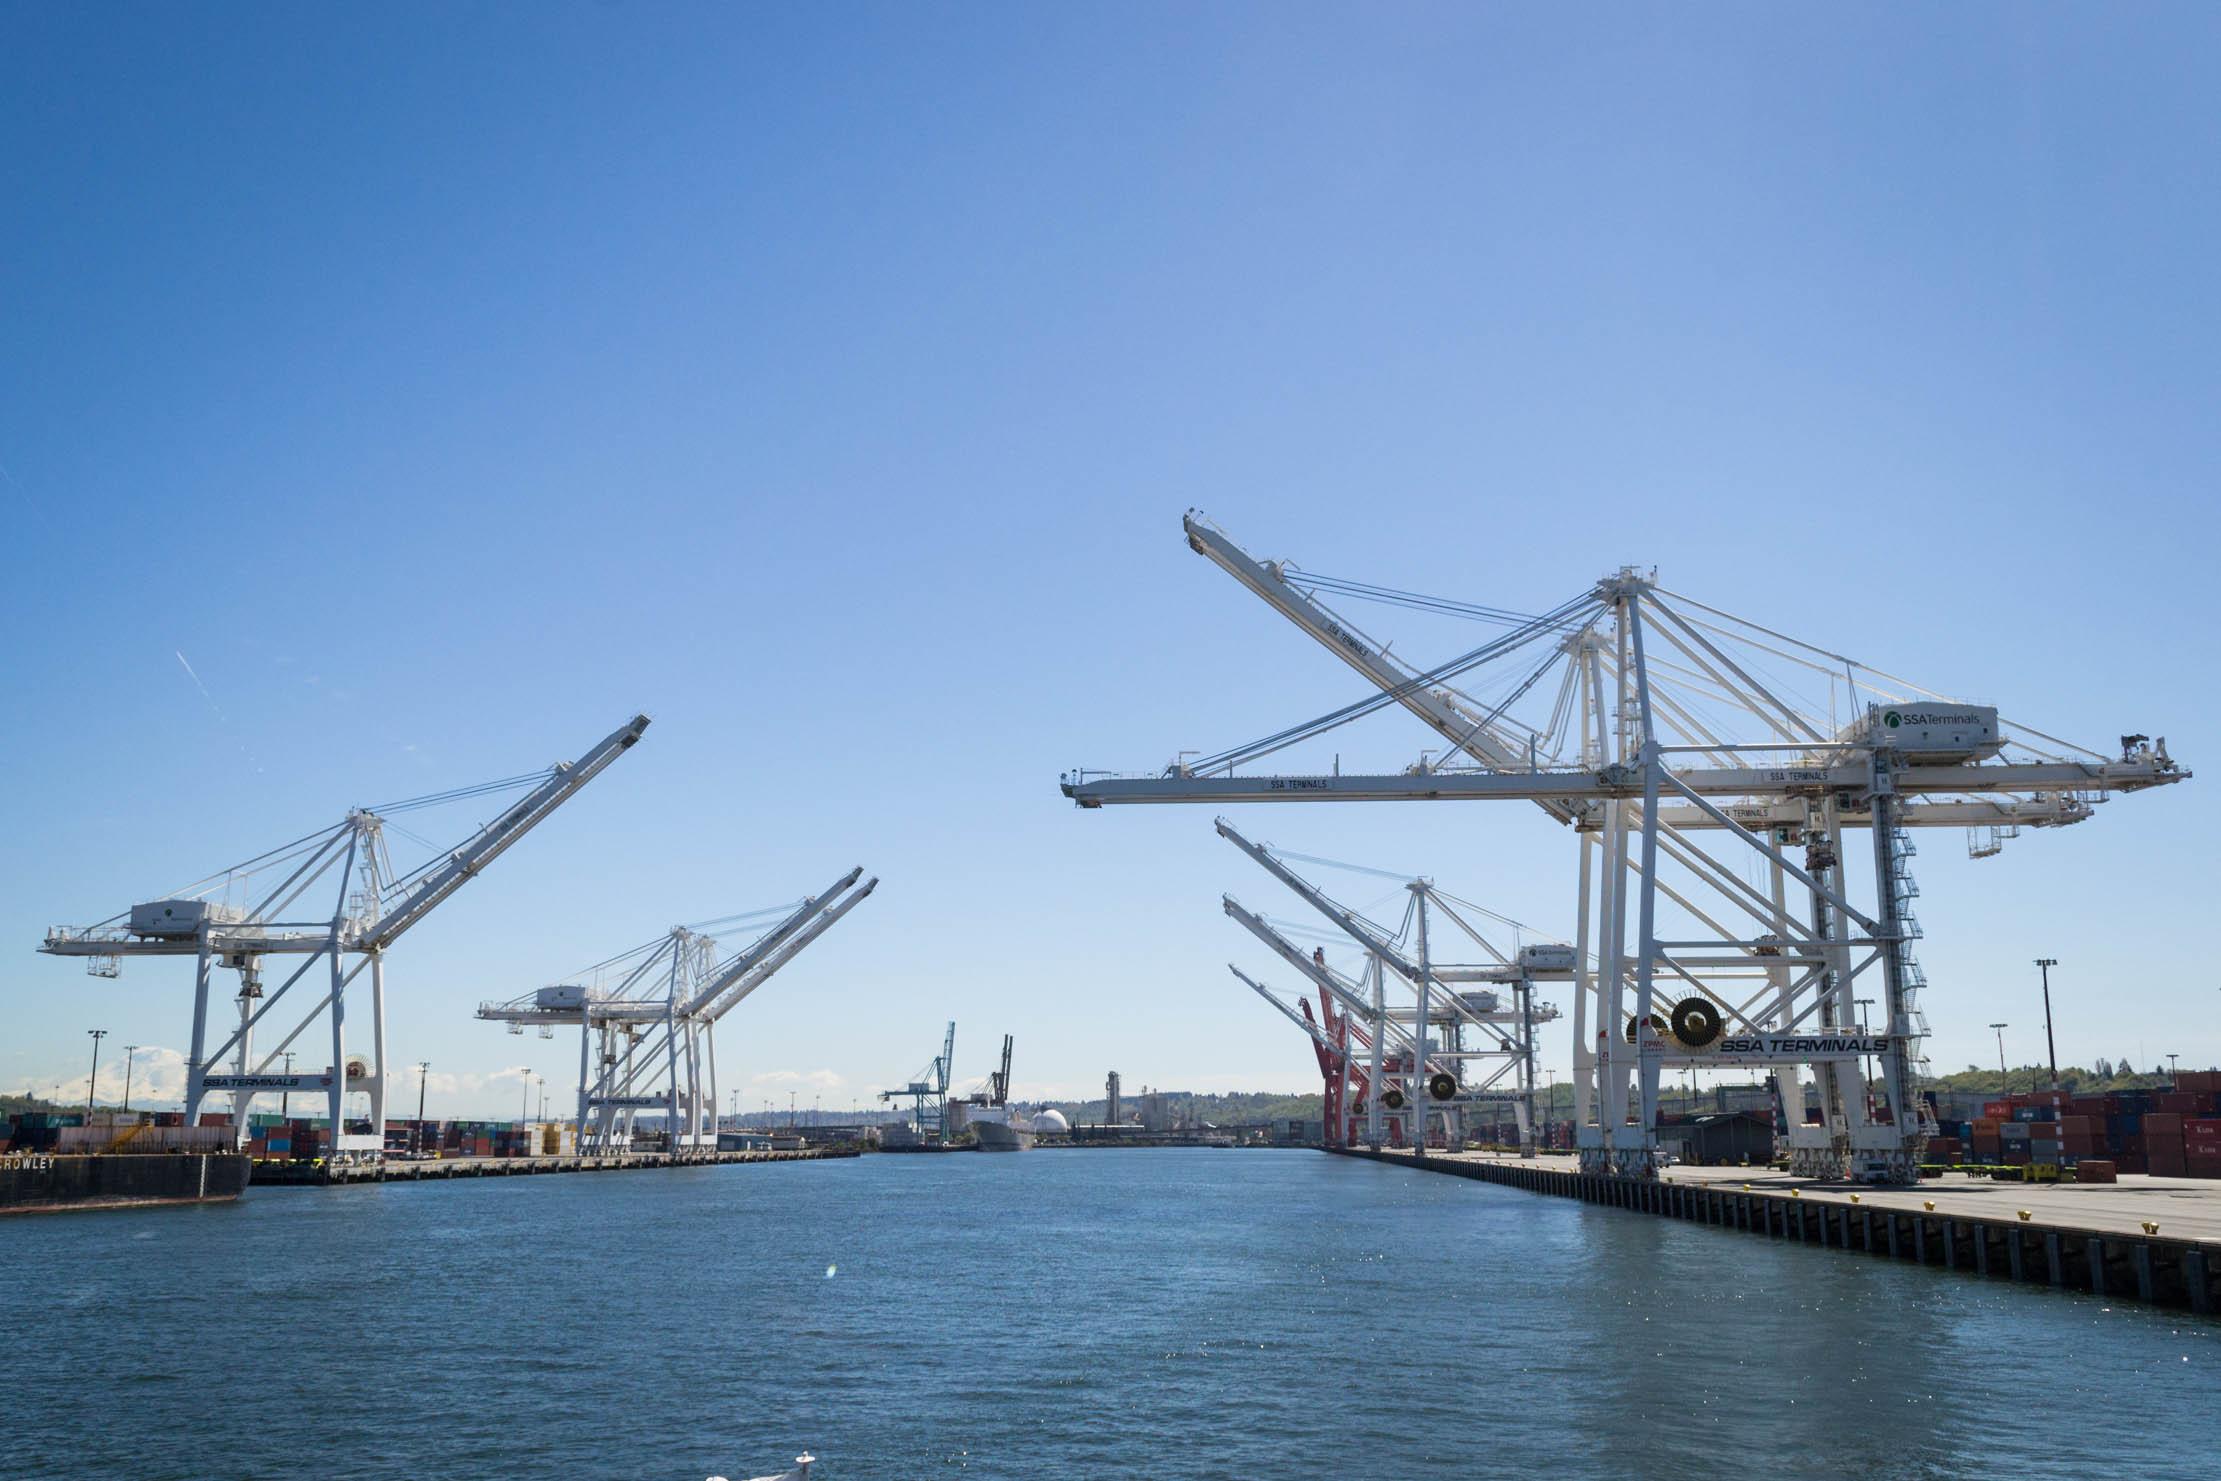 D'immenses grues pour transporter les containers du quai au bateau